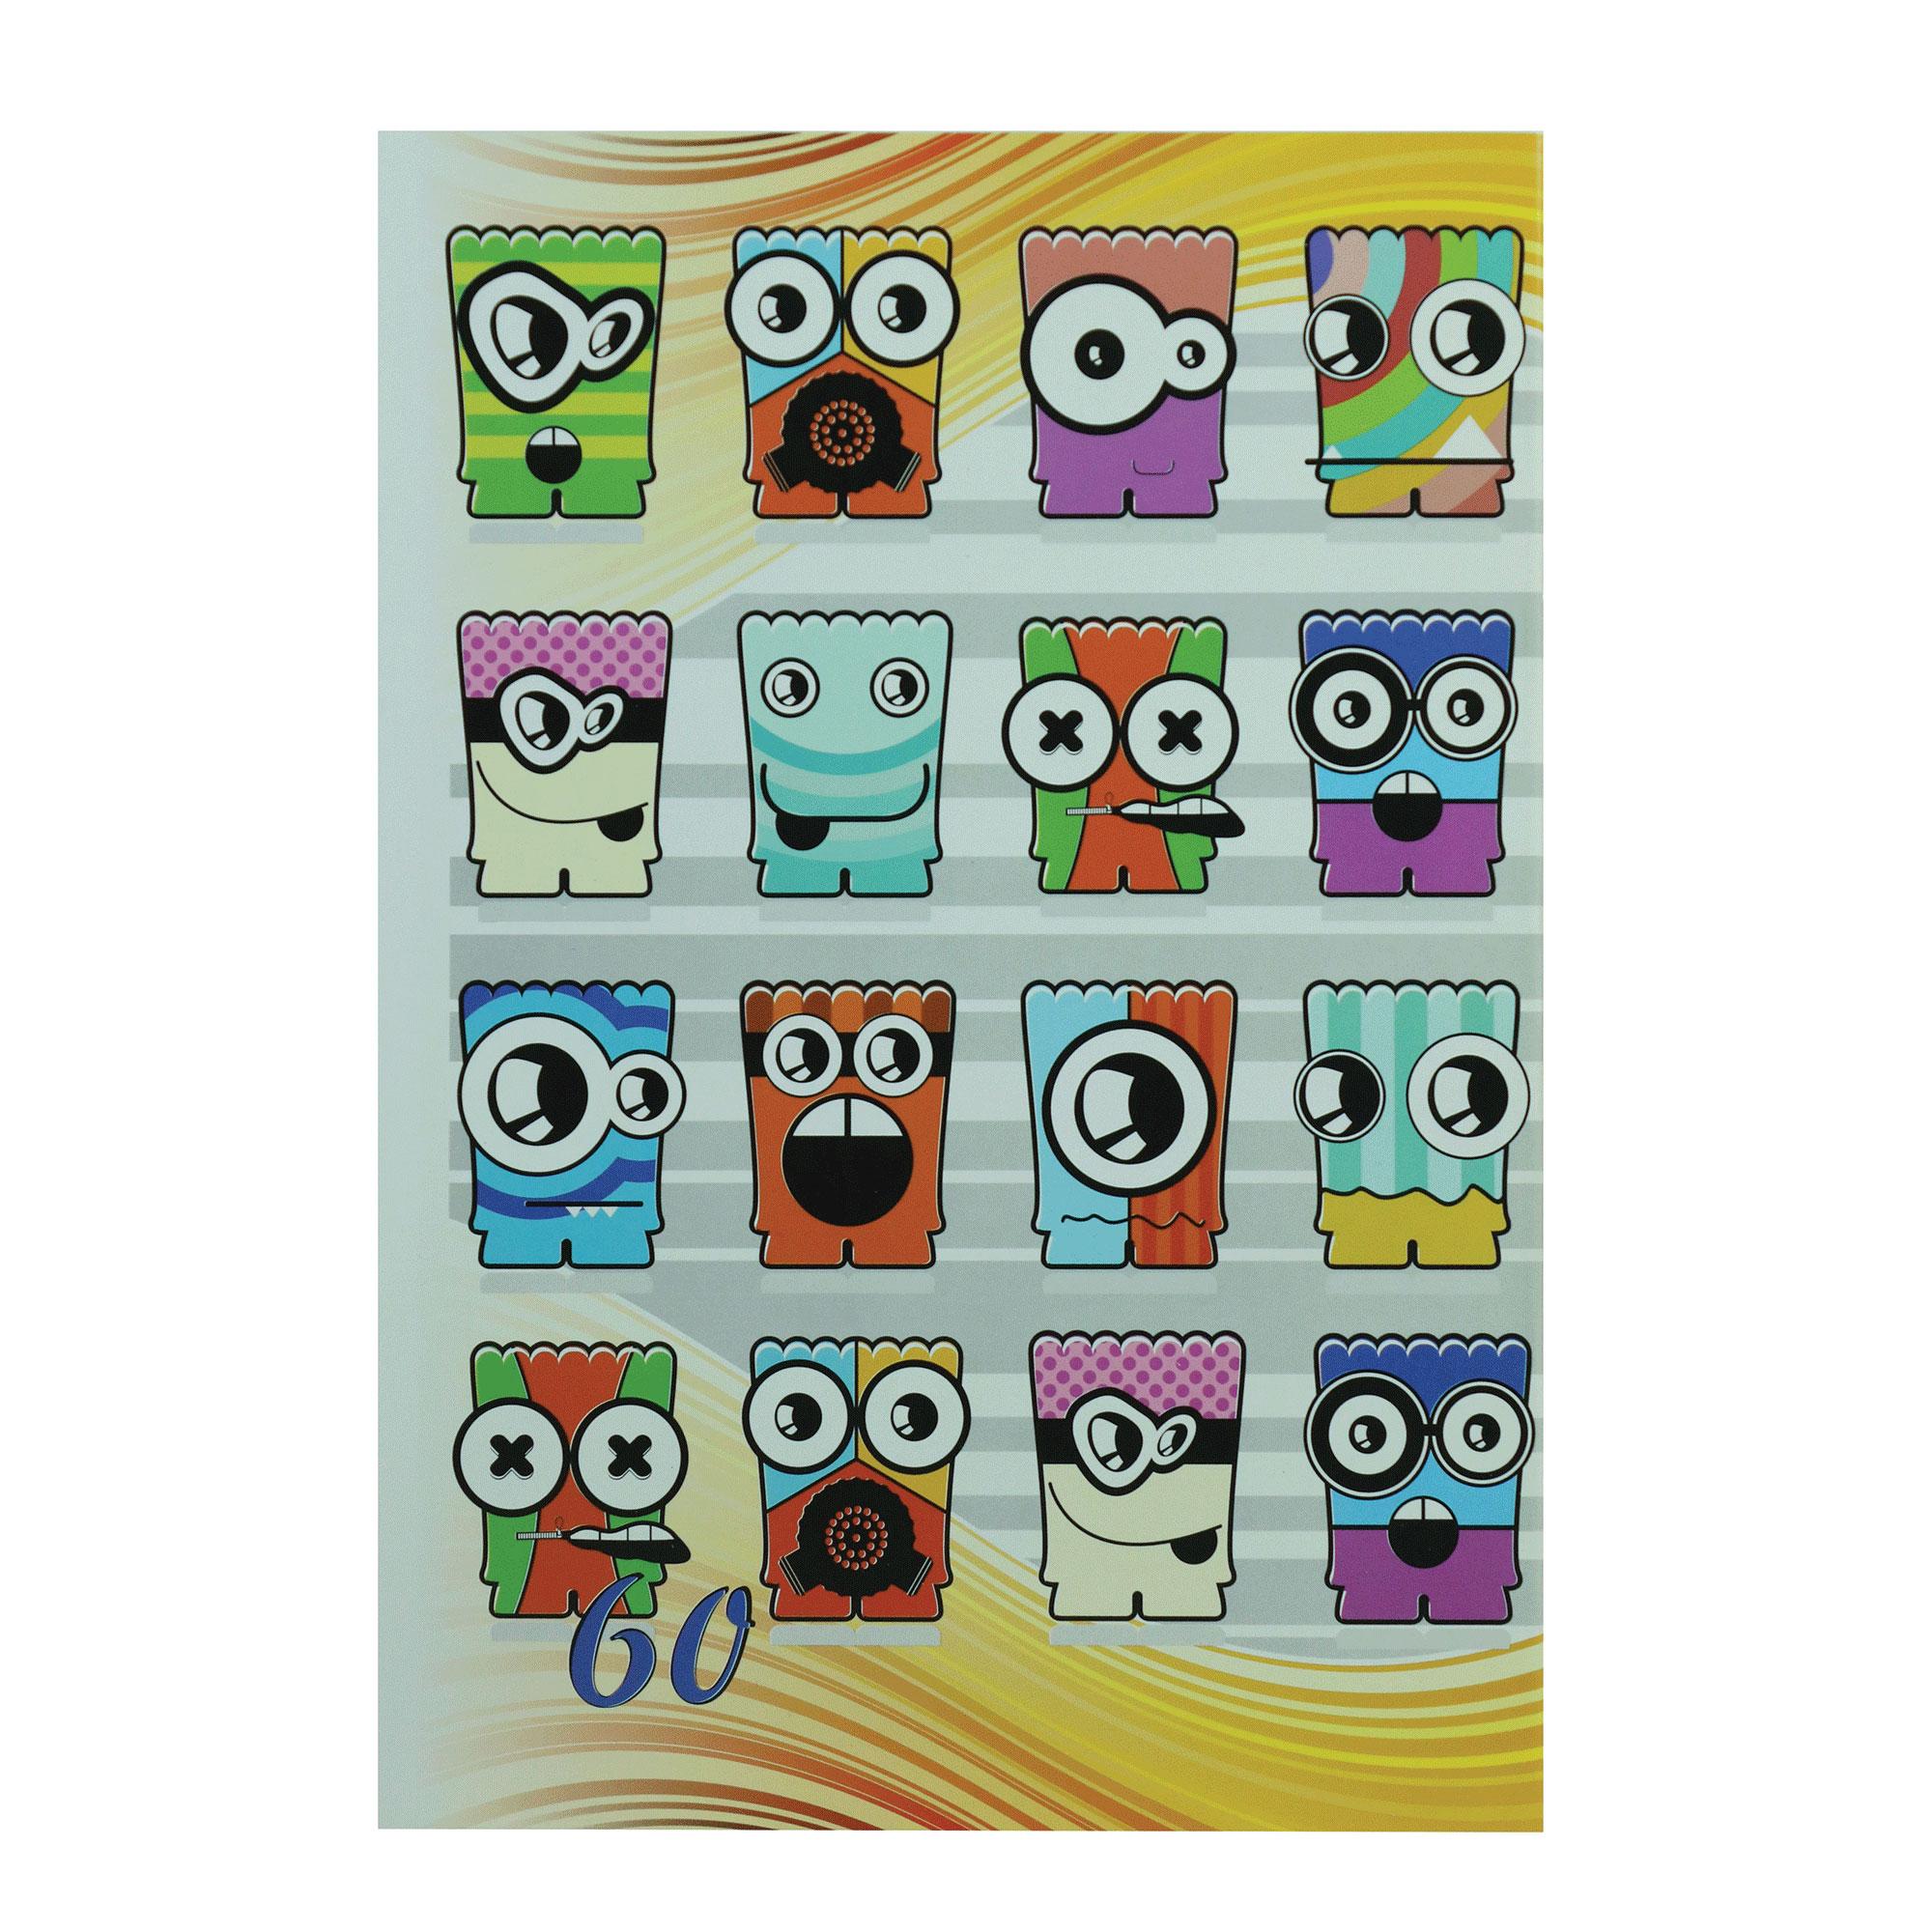 خرید                      دفتر مشق 60 برگ پارسیان کد MA-Emoji-60